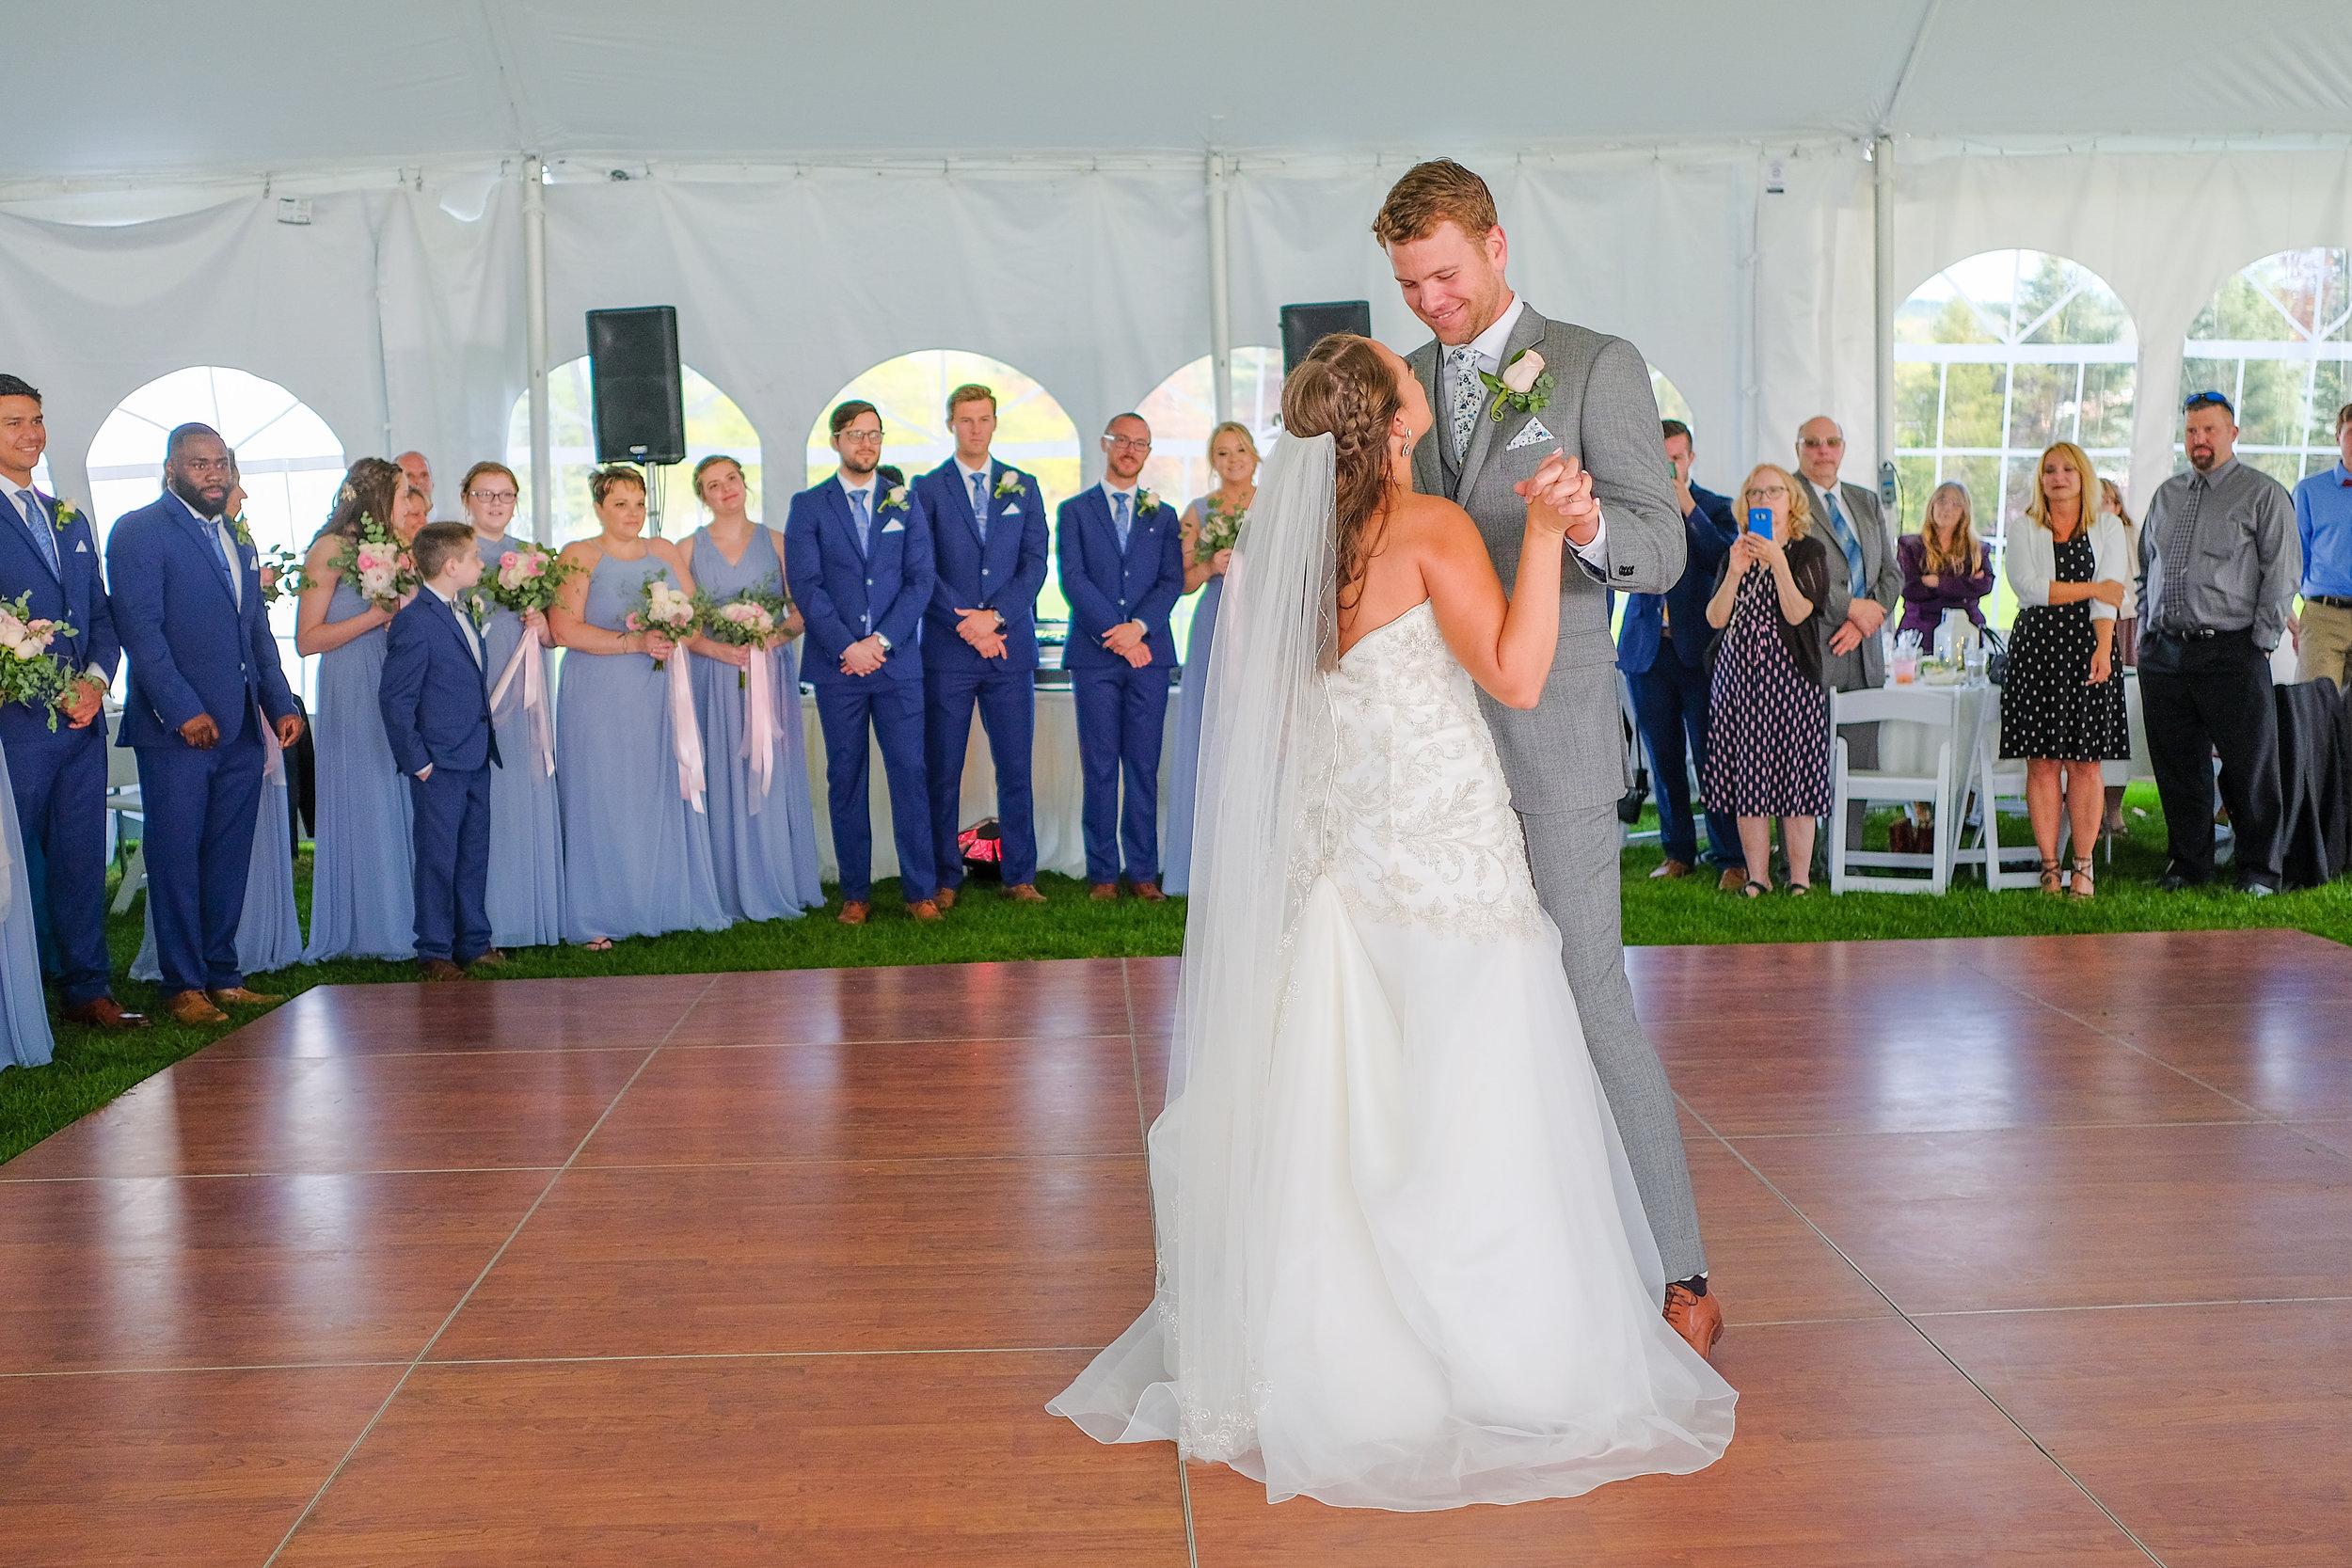 laconia-margate-wedding-photography-575.jpg